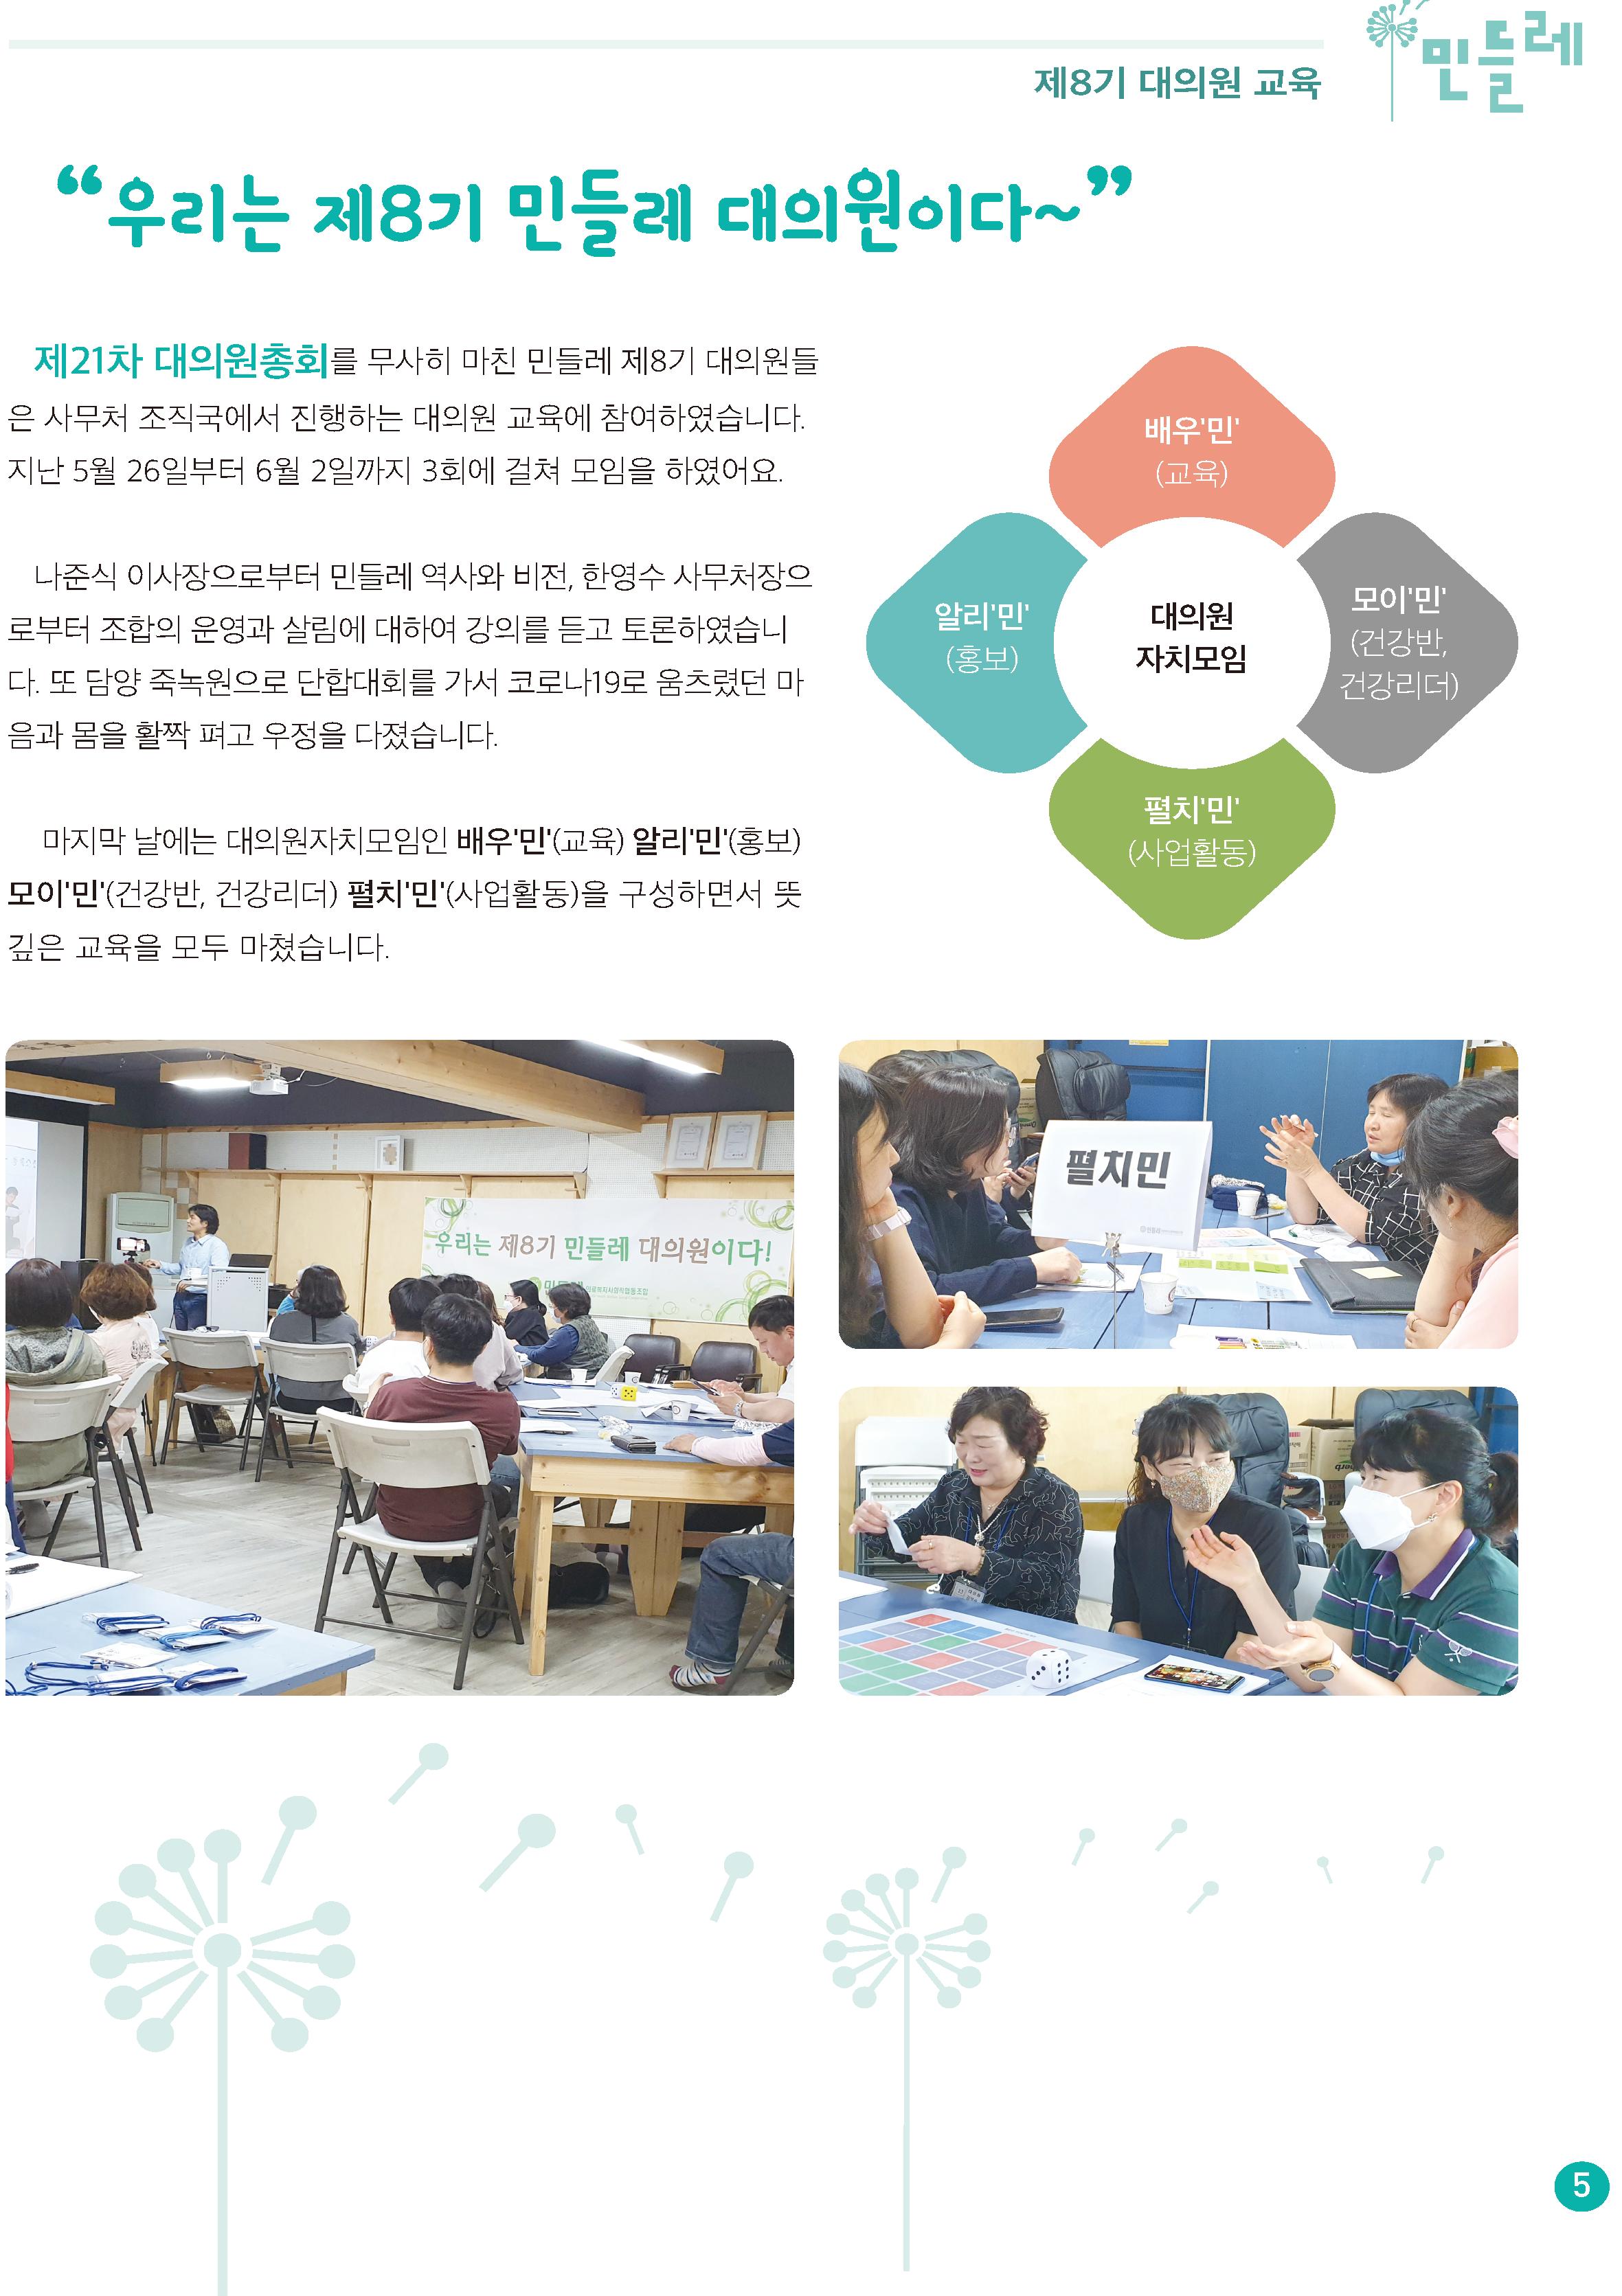 민들레 소식지8월호 시안(최종)-5.png